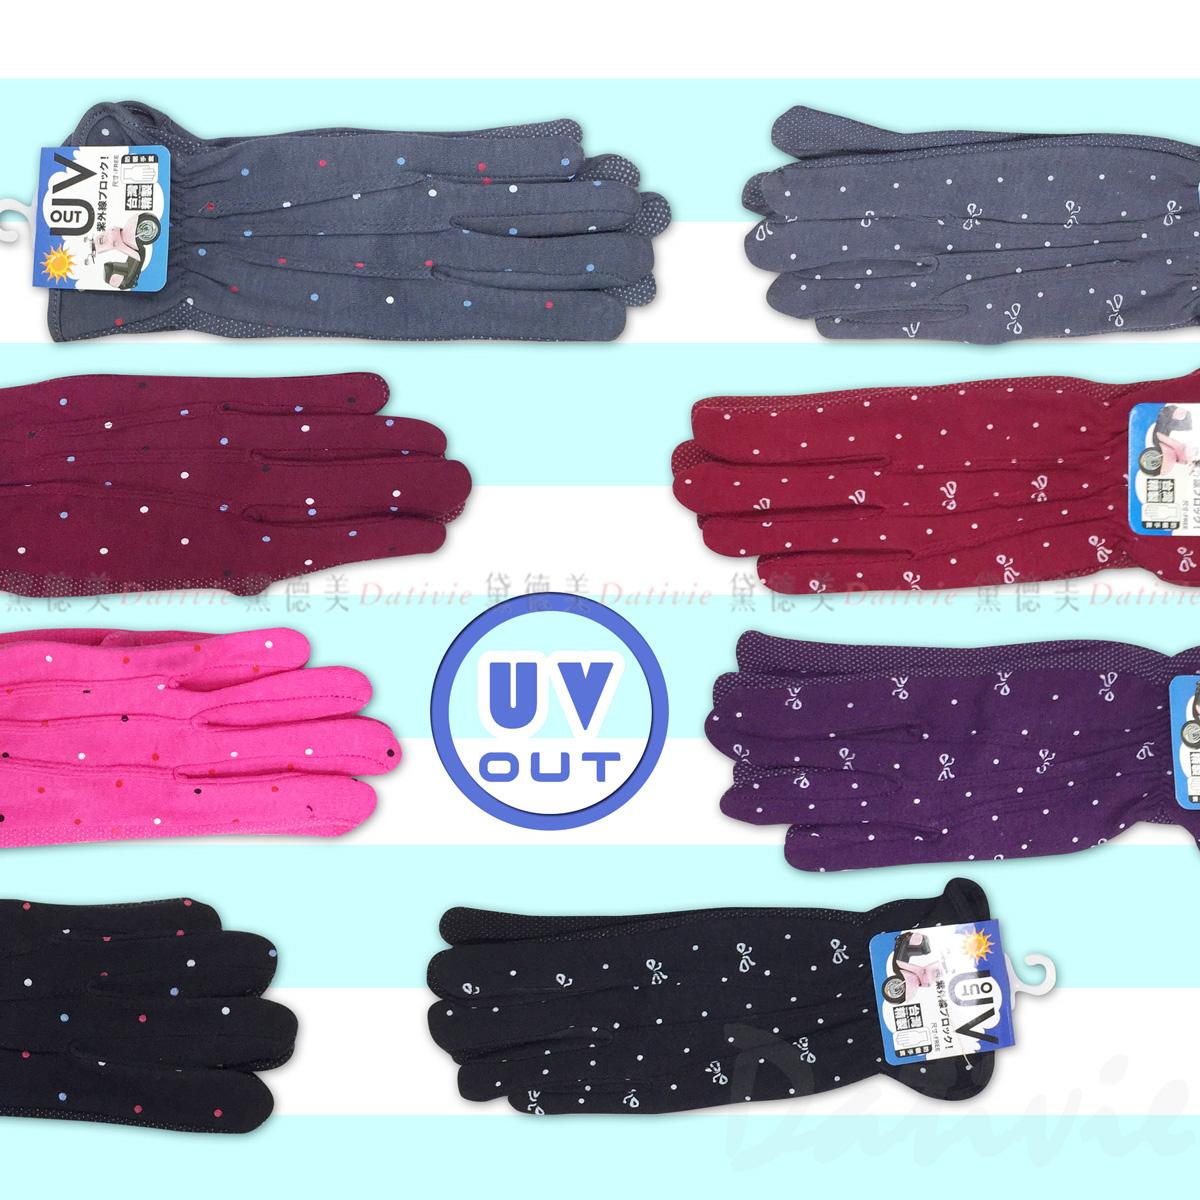 抗UV防曬止滑手套 4款多色 防曬手套